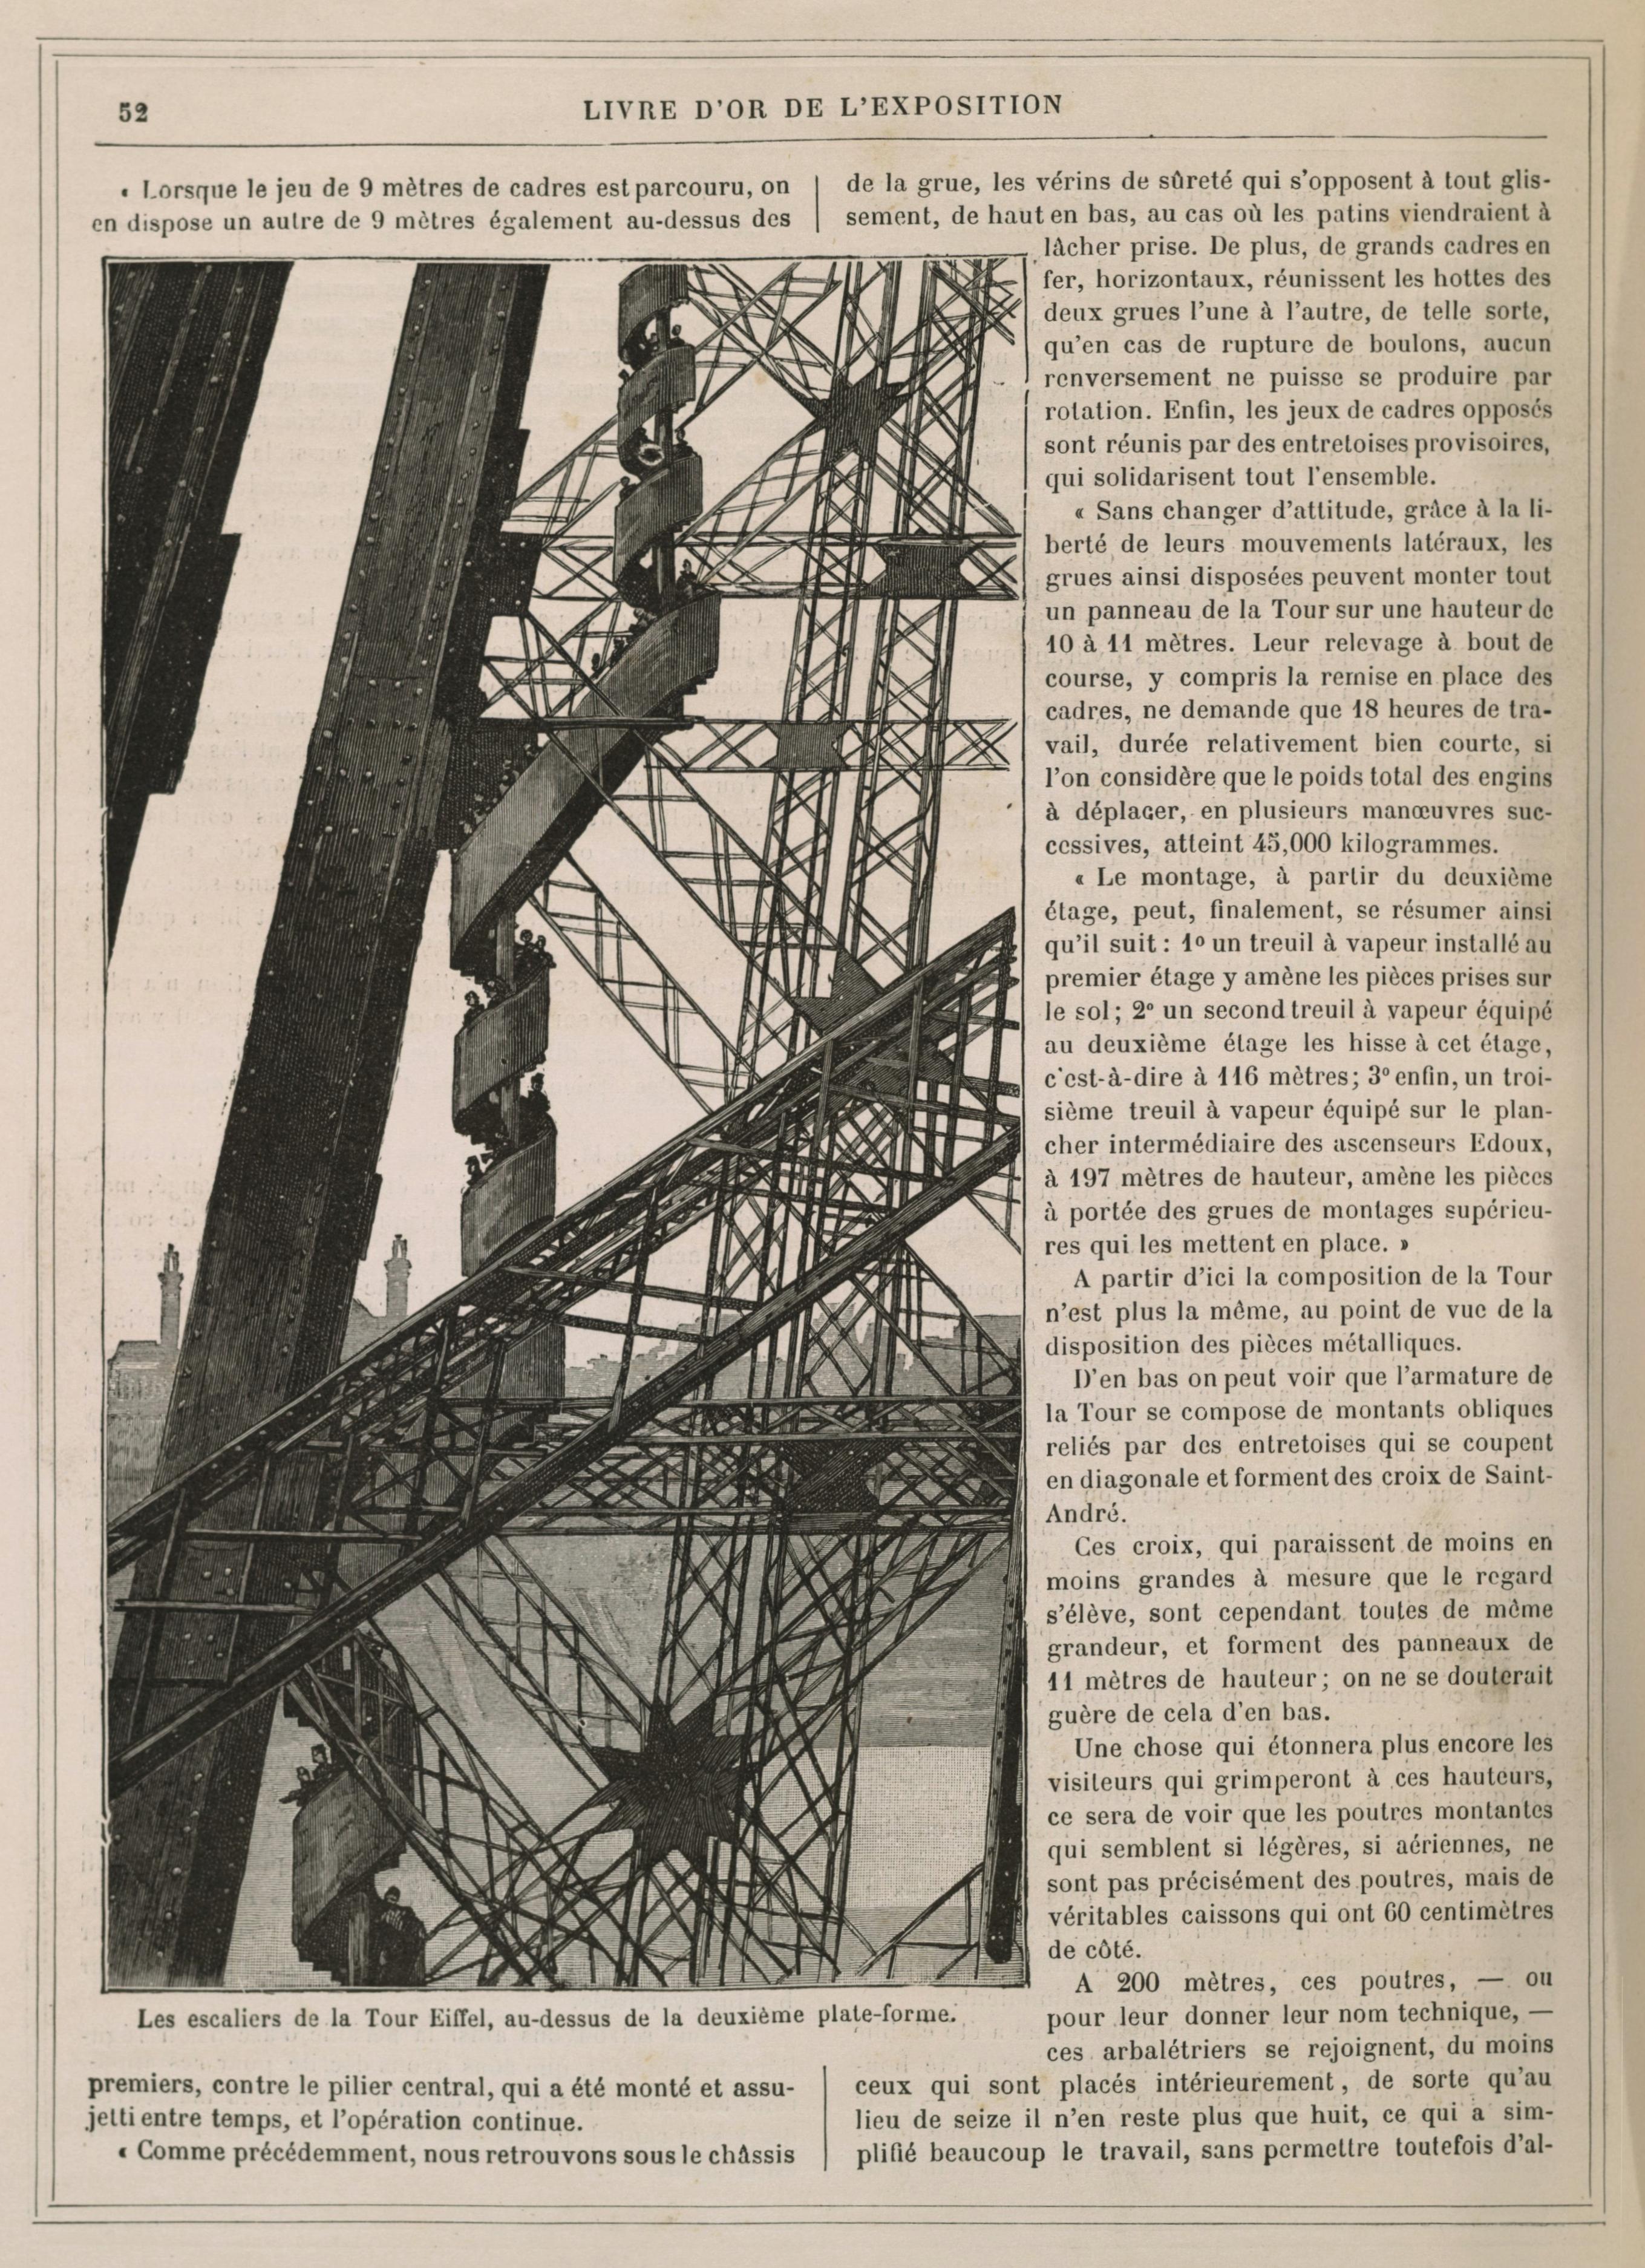 File les escaliers de la tour eiffel au dessus de la deuxi me plate - Escalier de la tour eiffel ...